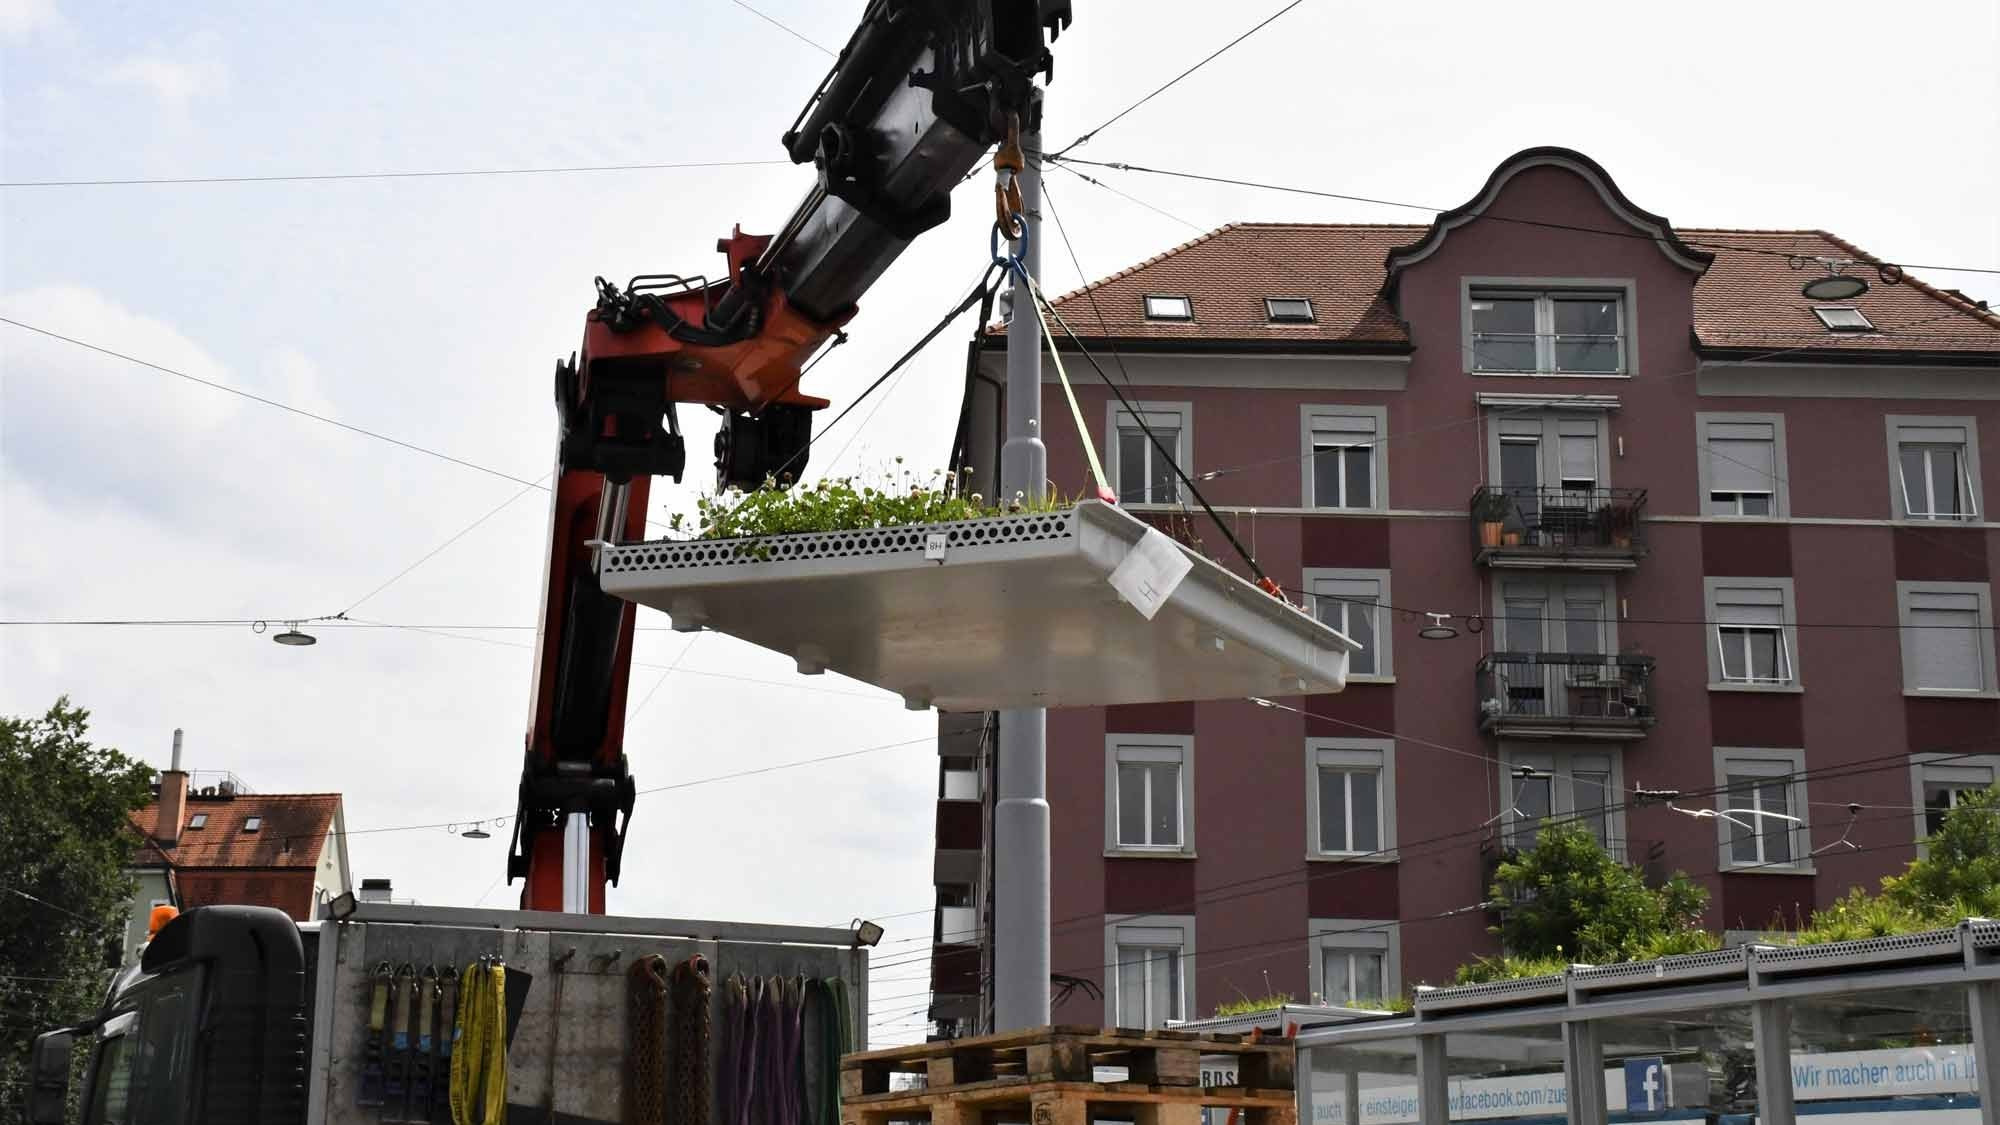 Bepflanzung von VBZ-Tramhaltestelle in Zürich